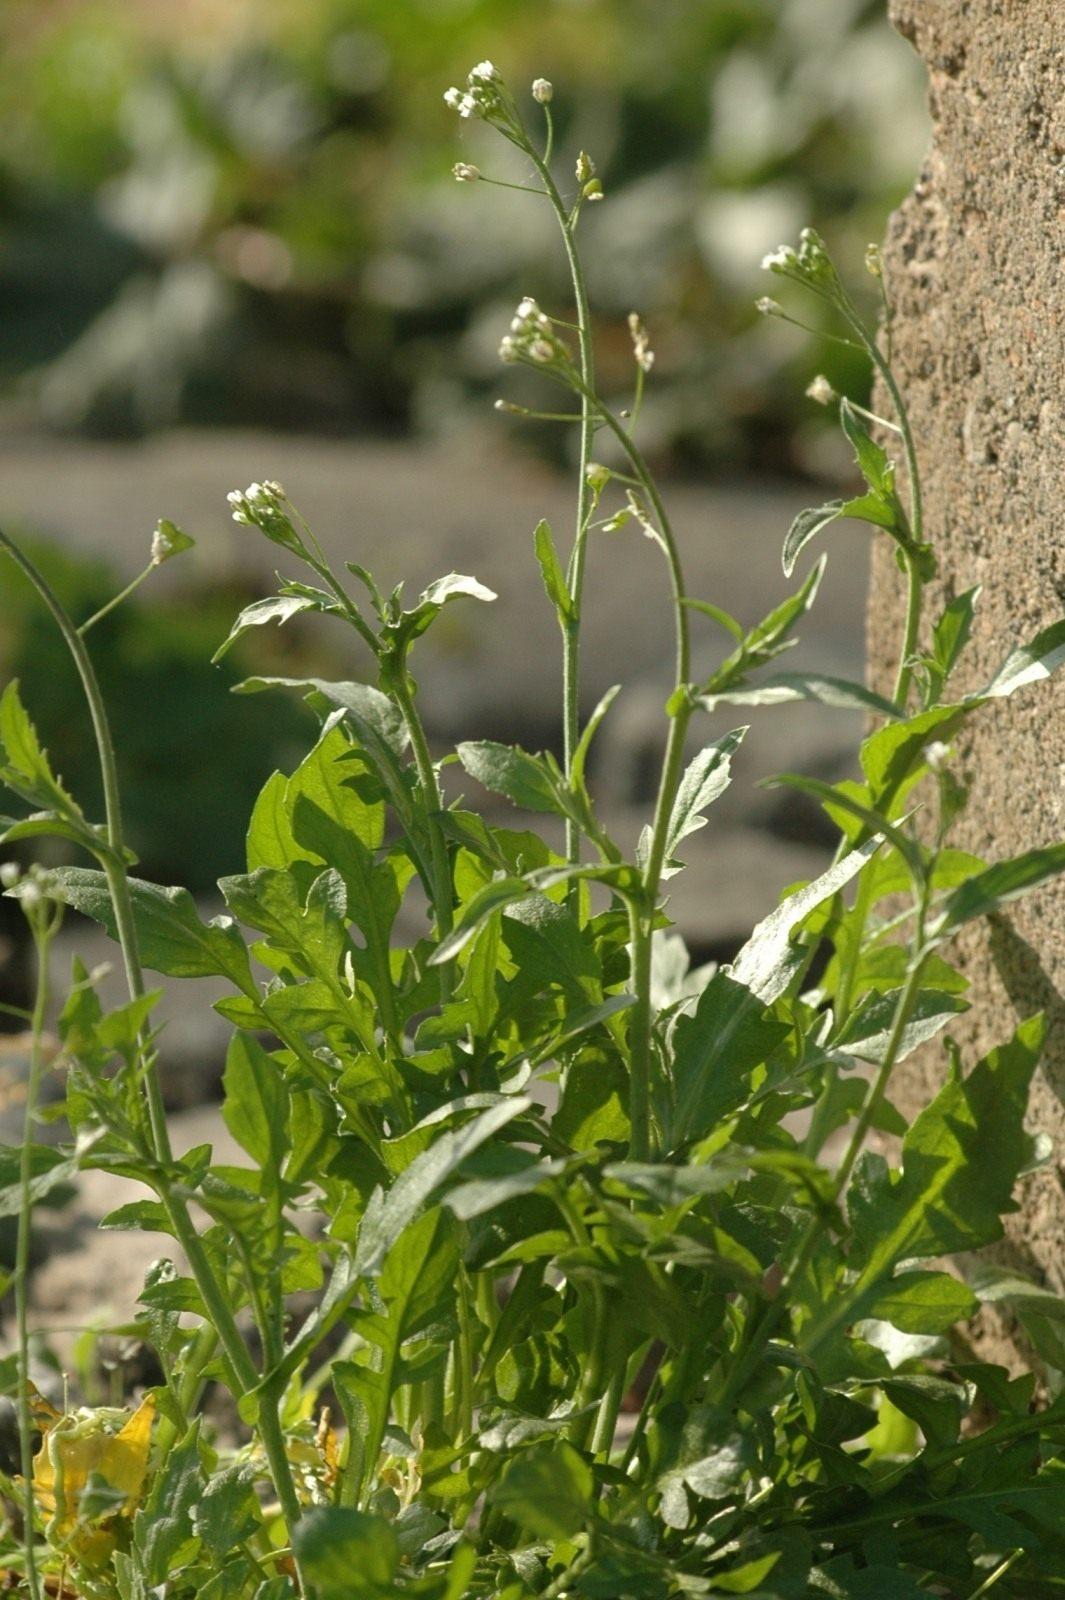 b4fe3849c948 Пастушья сумка обыкновенная, или Сумочник пастуший (Capsella bursa-pastoris)